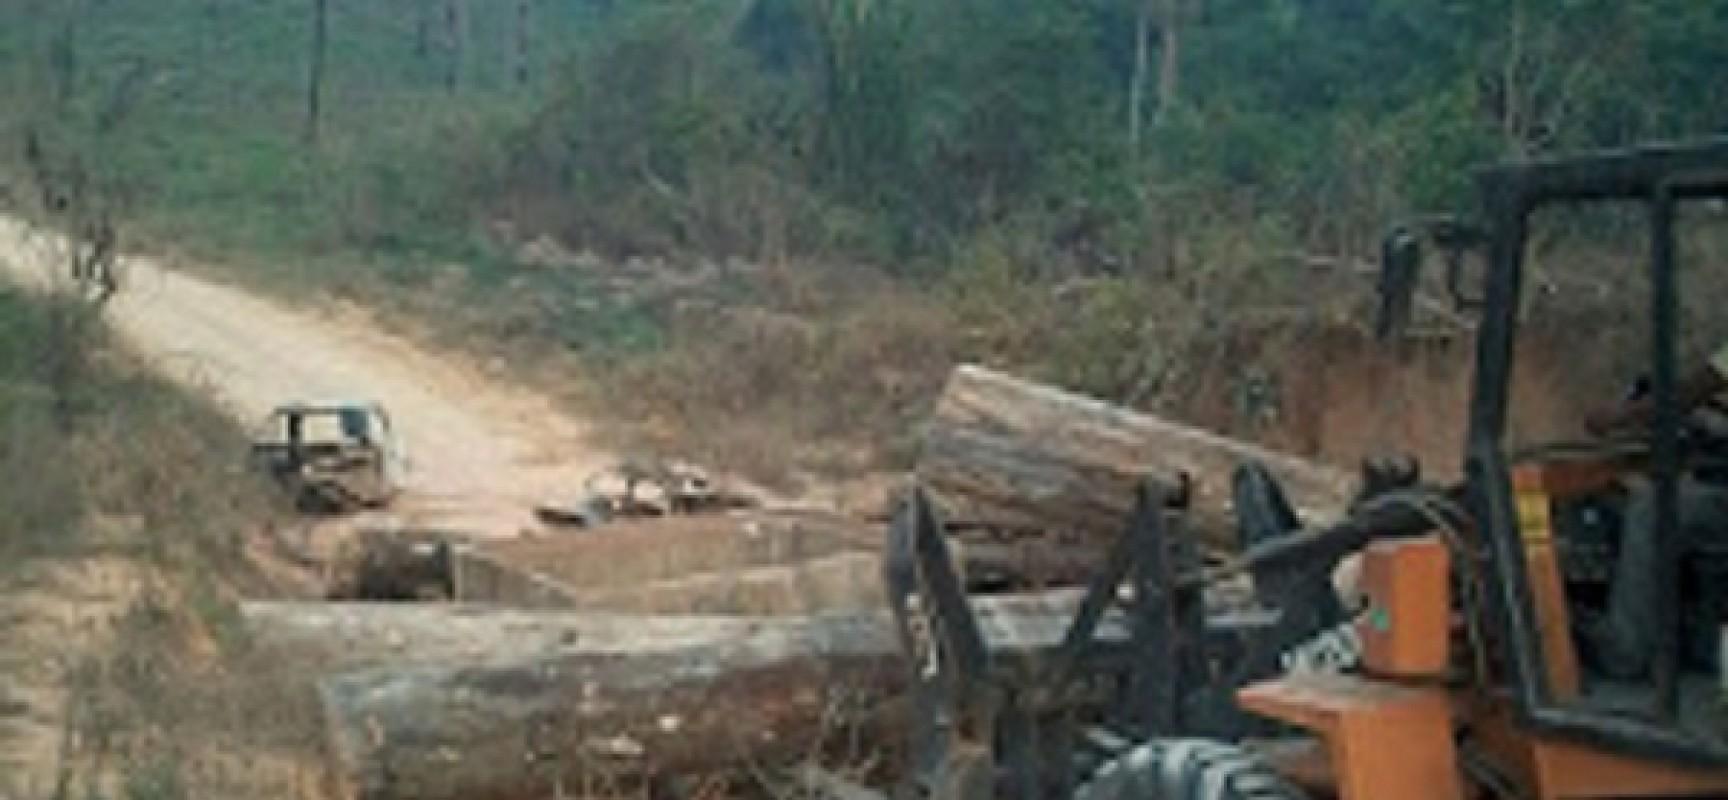 Confronto- Madeireiros ameaçam agentes do ICMBio